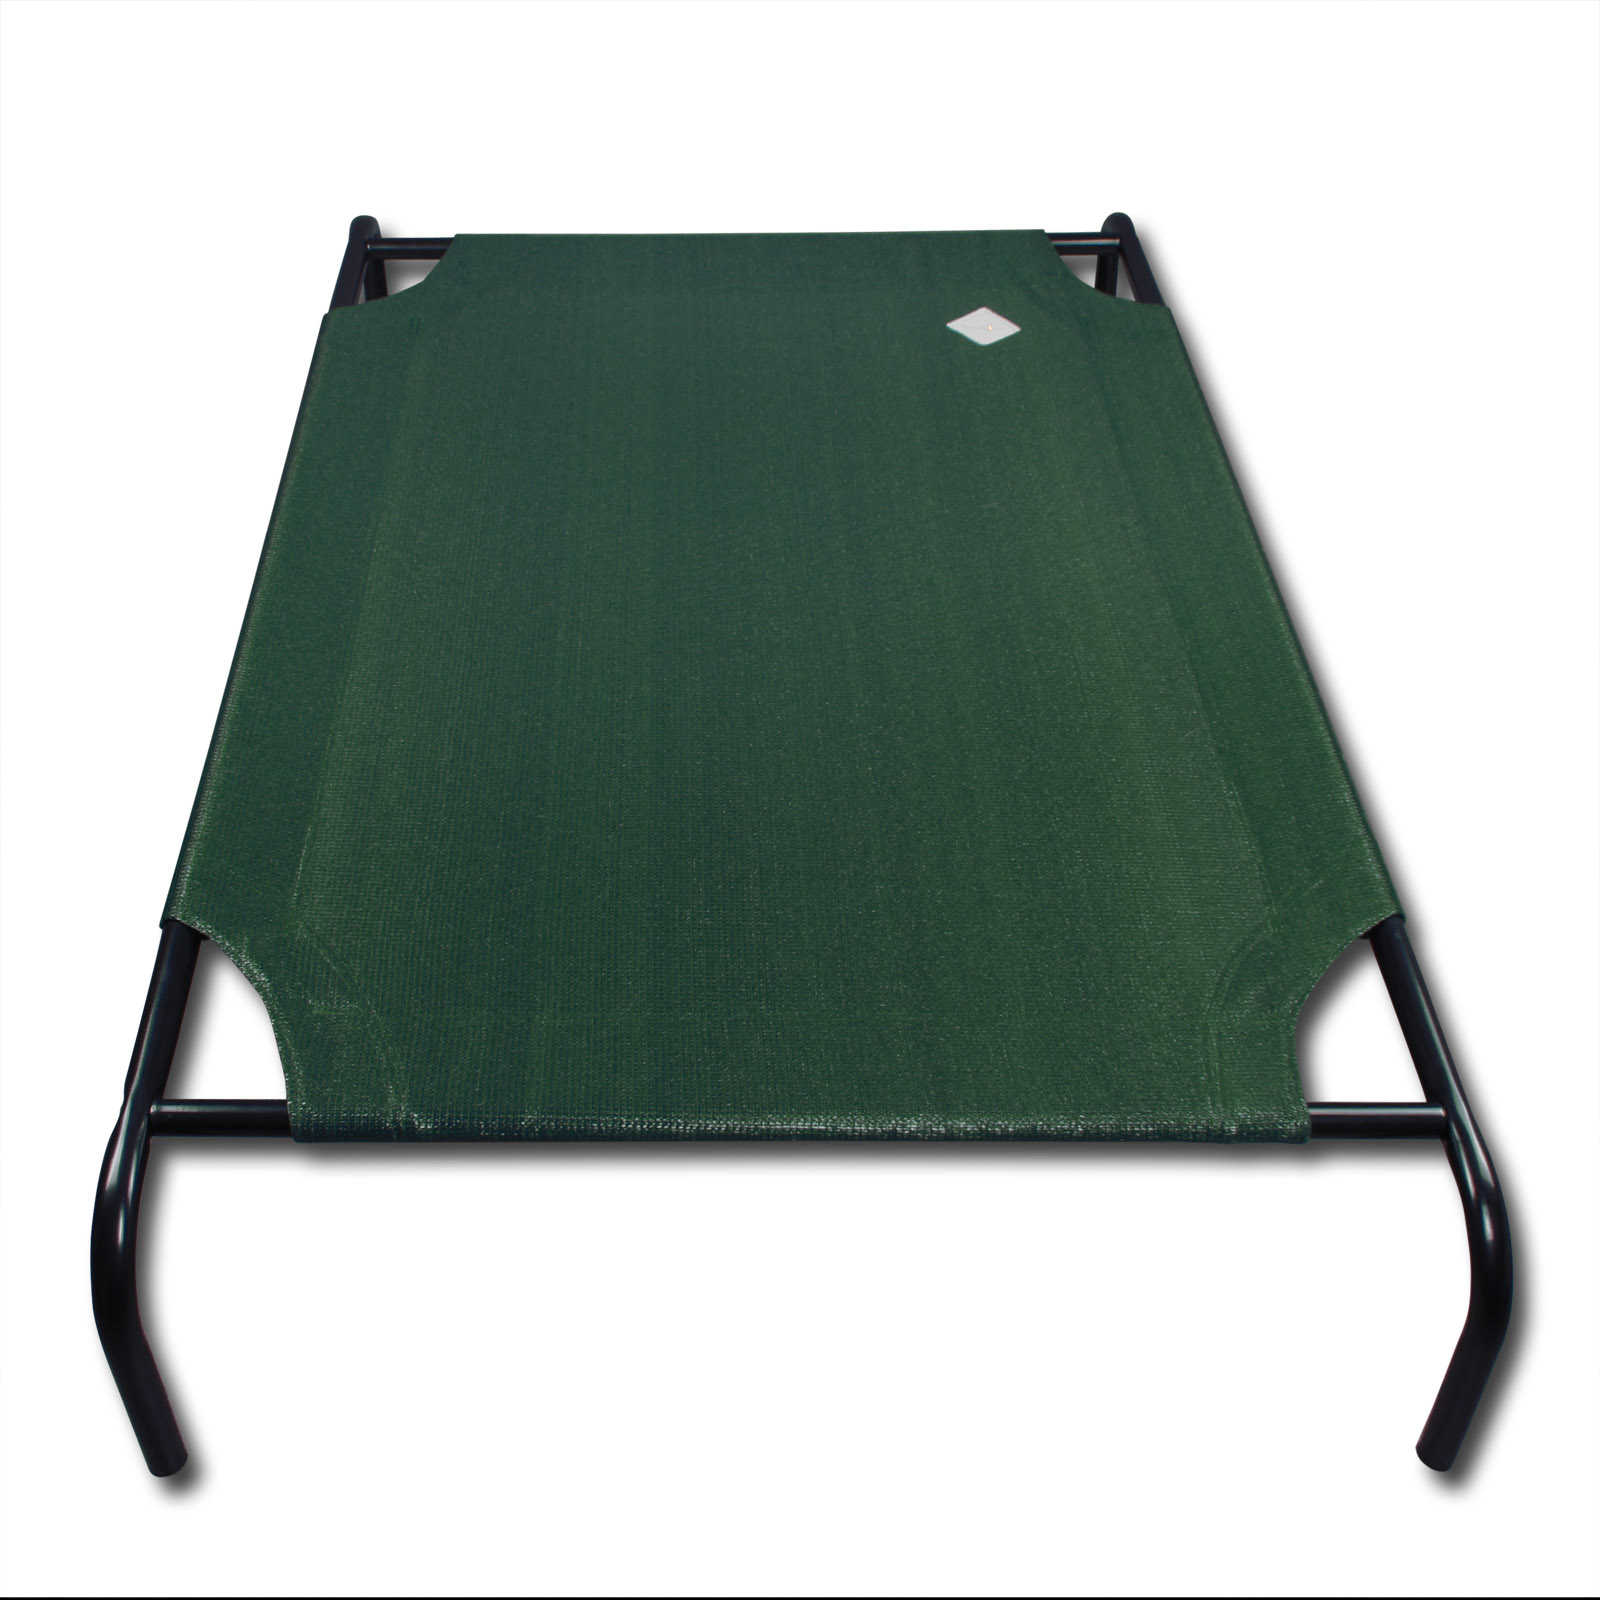 hundeliege f r gro e hunde angenehm luftdurchl ssig kein. Black Bedroom Furniture Sets. Home Design Ideas